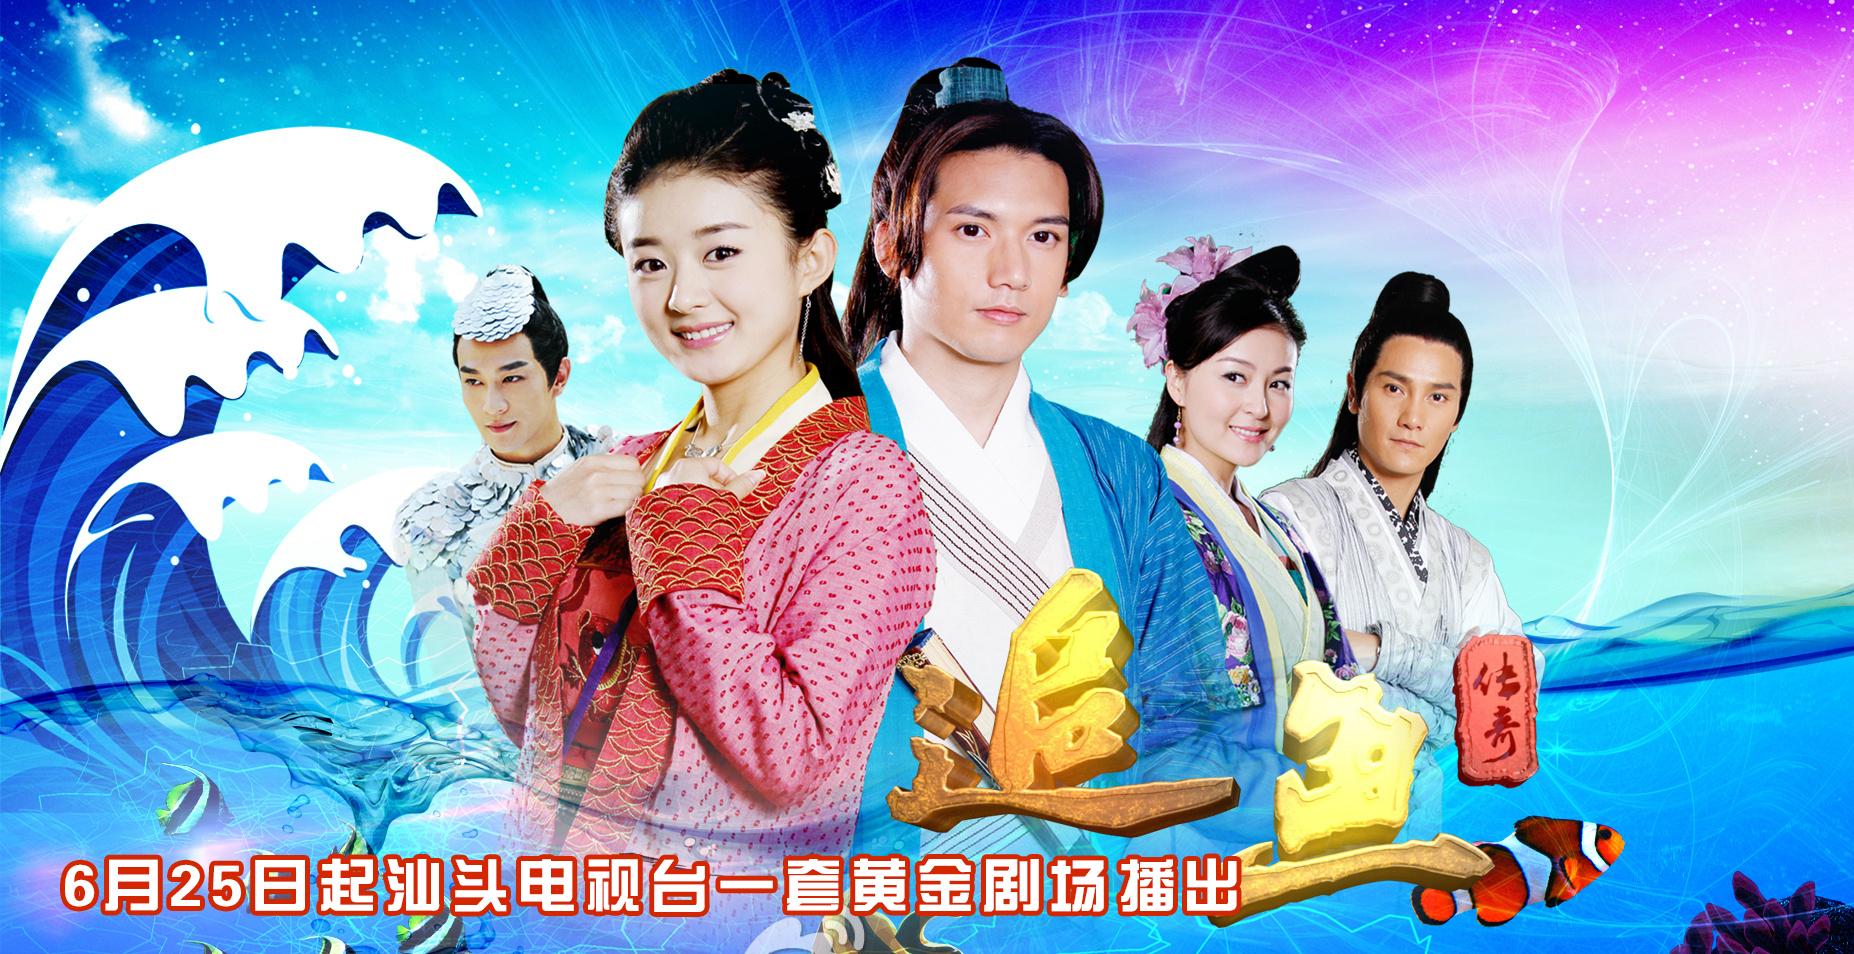 《追鱼传奇》6月25日起汕头电视台一套黄金剧场播出